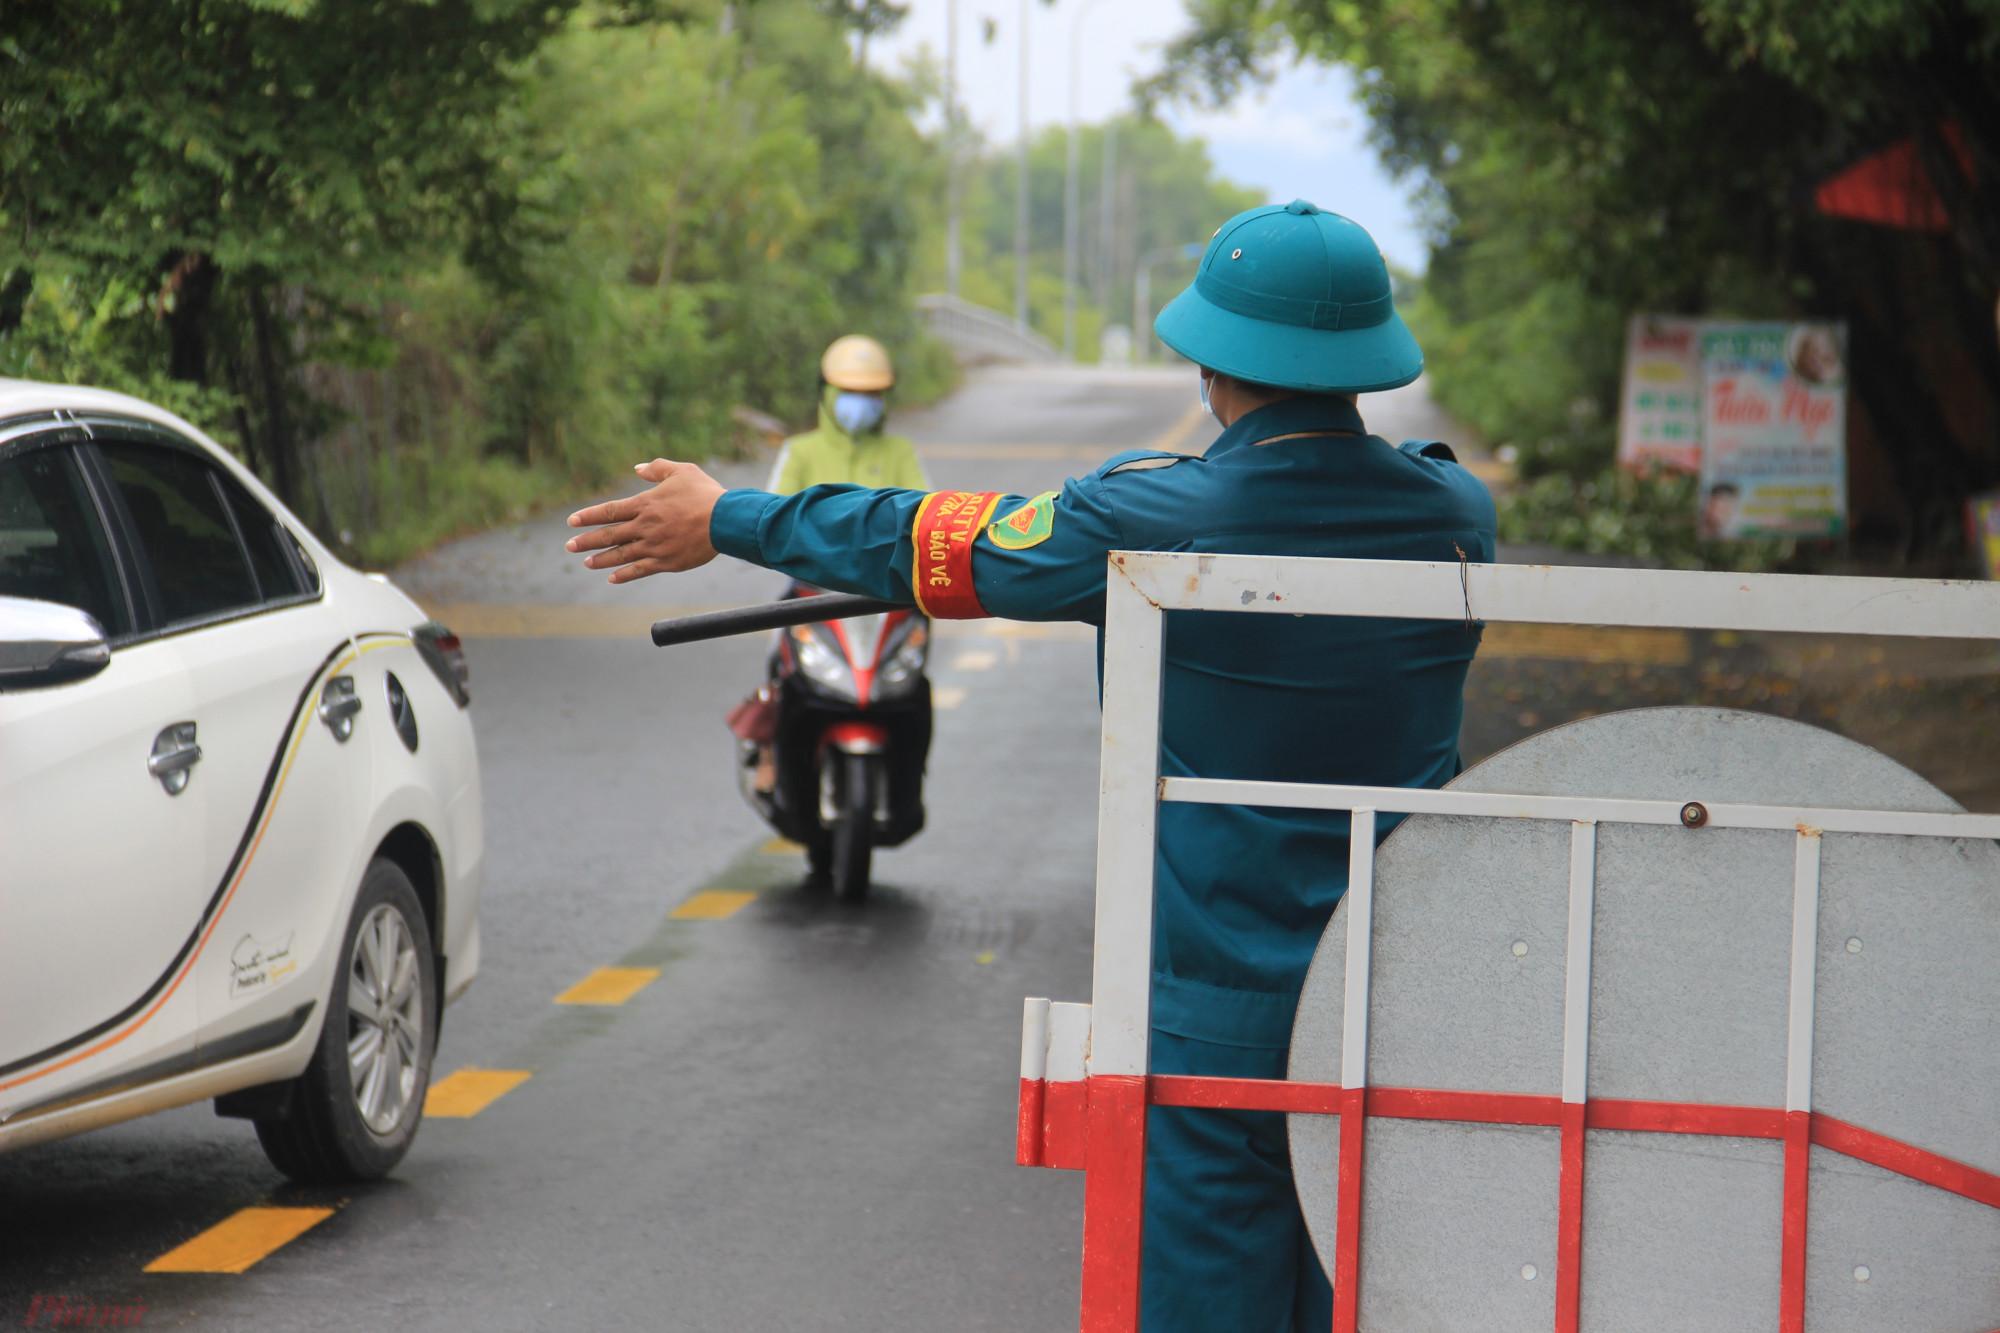 Đà Nẵng sẽ áp dụng các biện pháp cao hơn Chỉ thị 16, quản lý chặt việc người dân ra đường